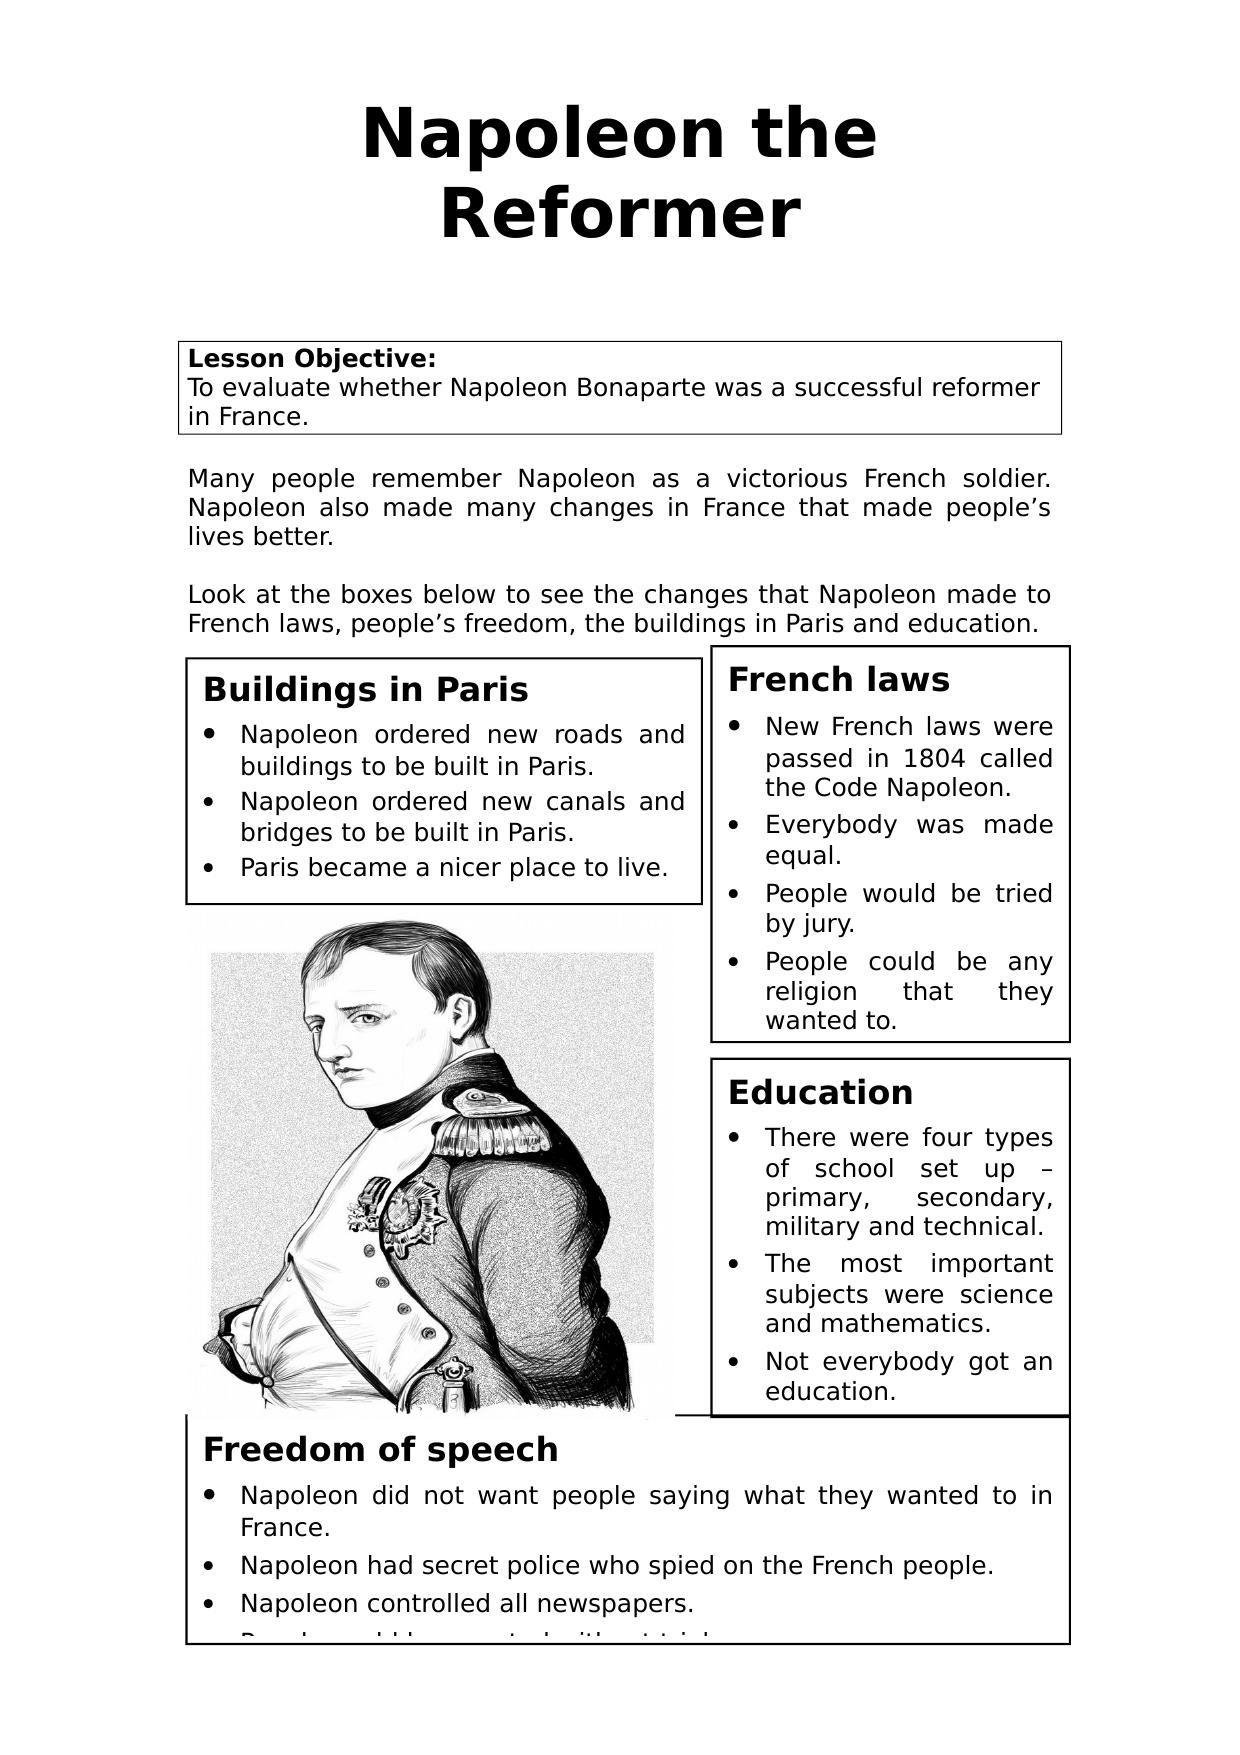 French Revolution Worksheets   KS3 \u0026 KS4 Lesson Plans \u0026 Resources   History  worksheets [ 1755 x 1240 Pixel ]